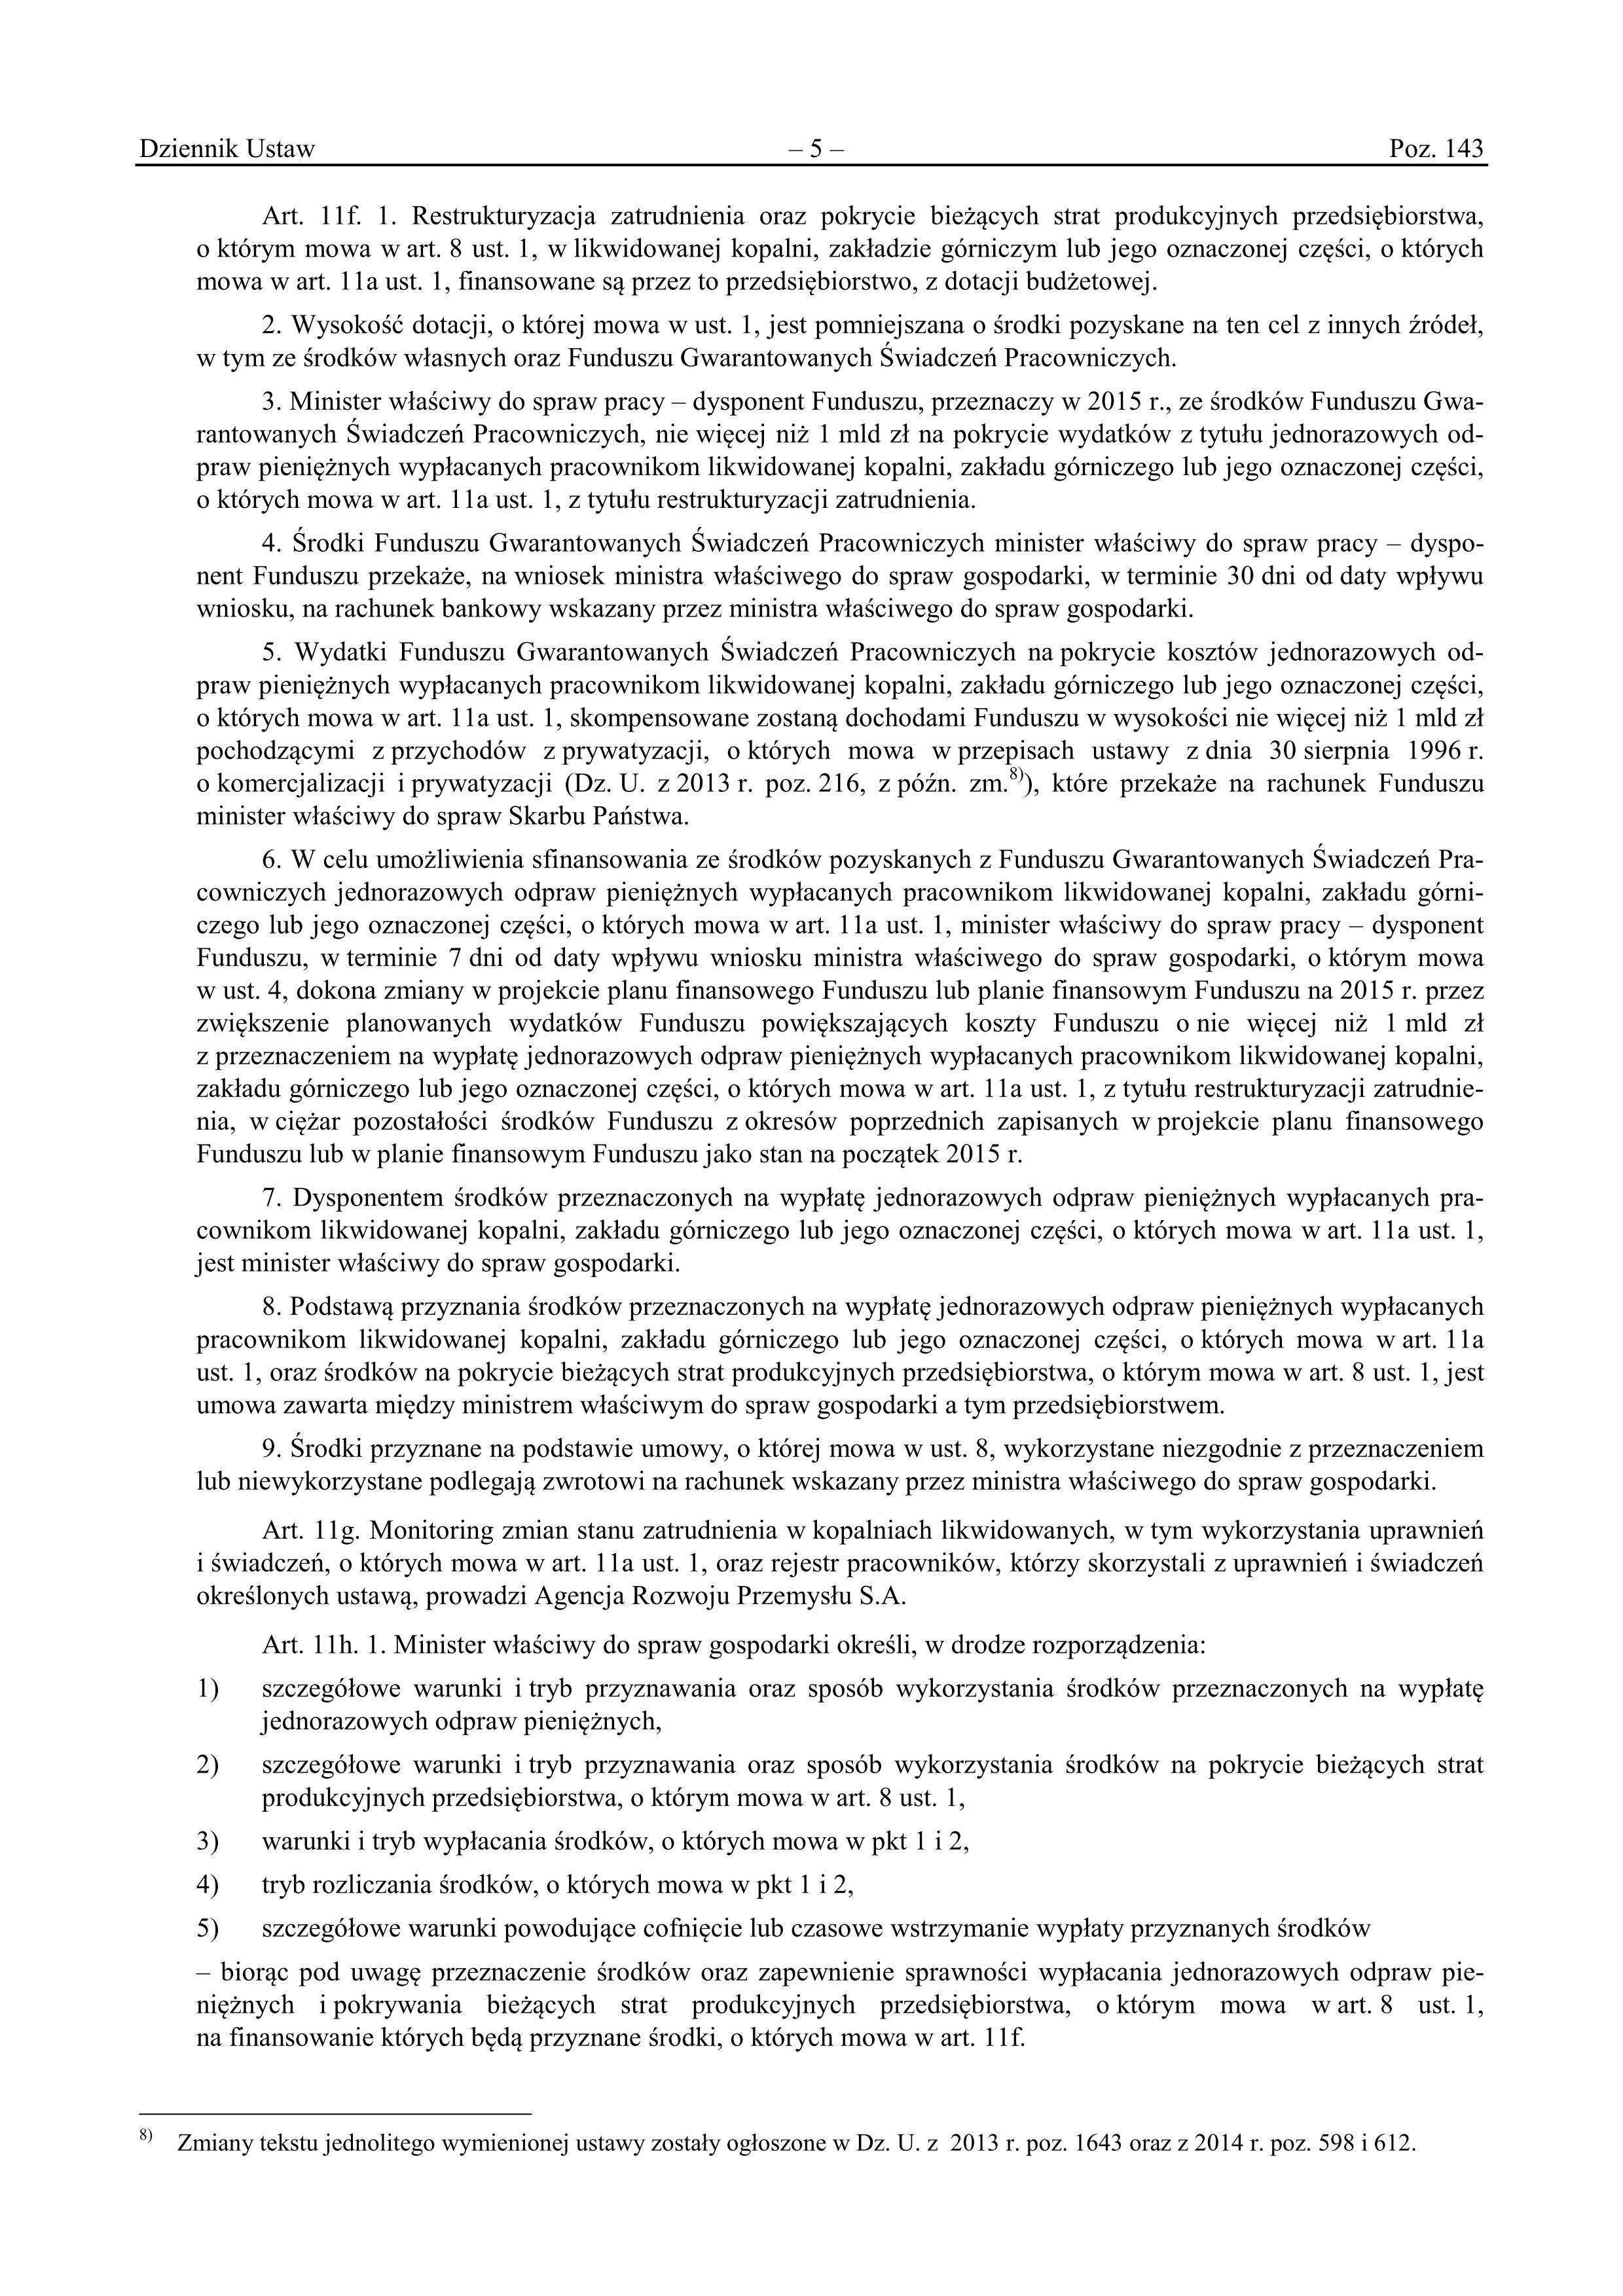 Ustawa-gornicza-wraz-z-zapisami-dla-ZPMW_D20150143_05